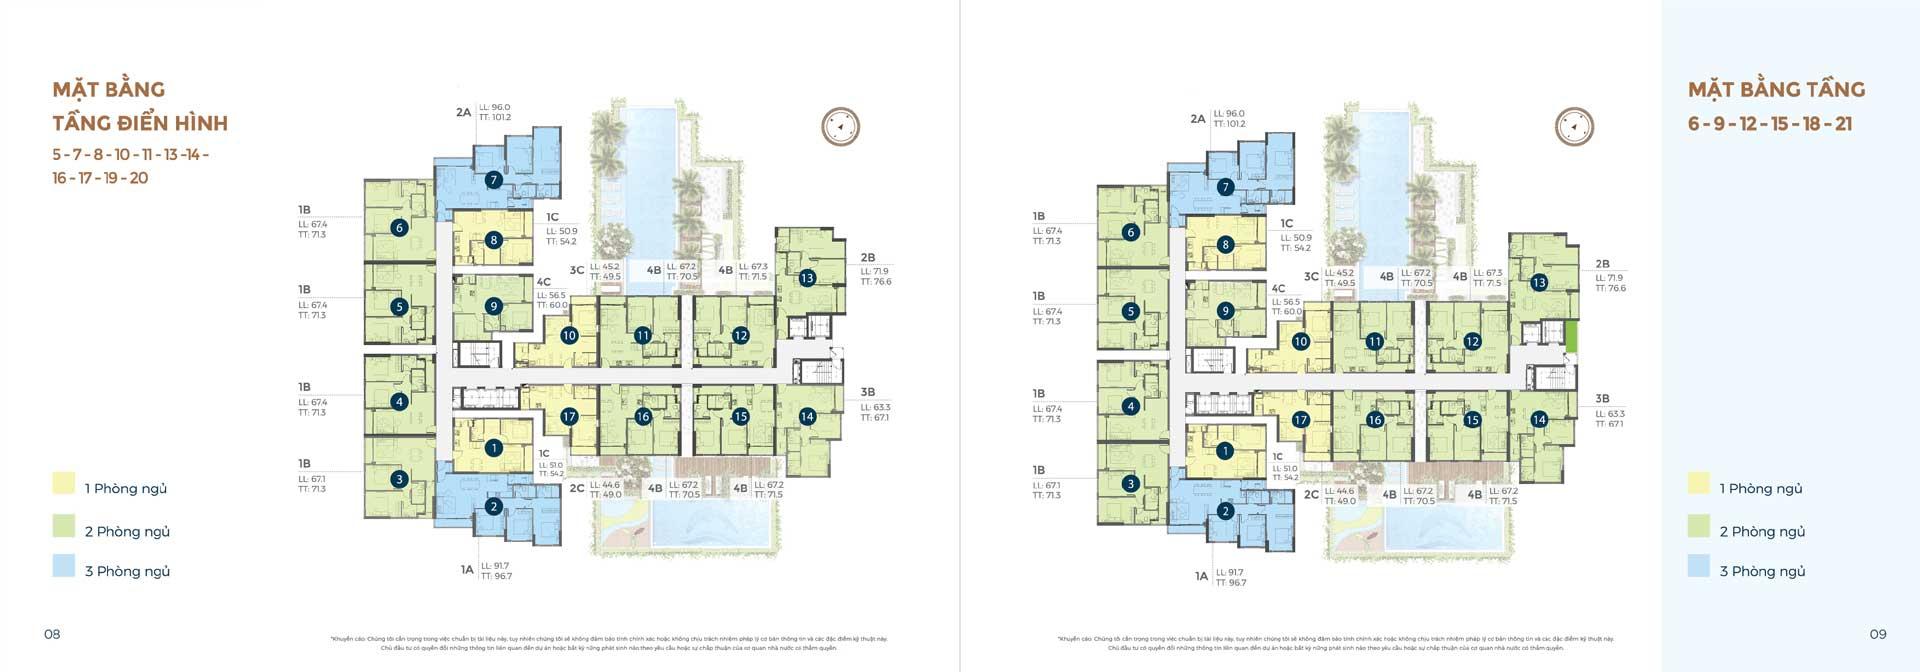 mặt bằng tầng 5 đến 21 căn hộ Precia Quận 2